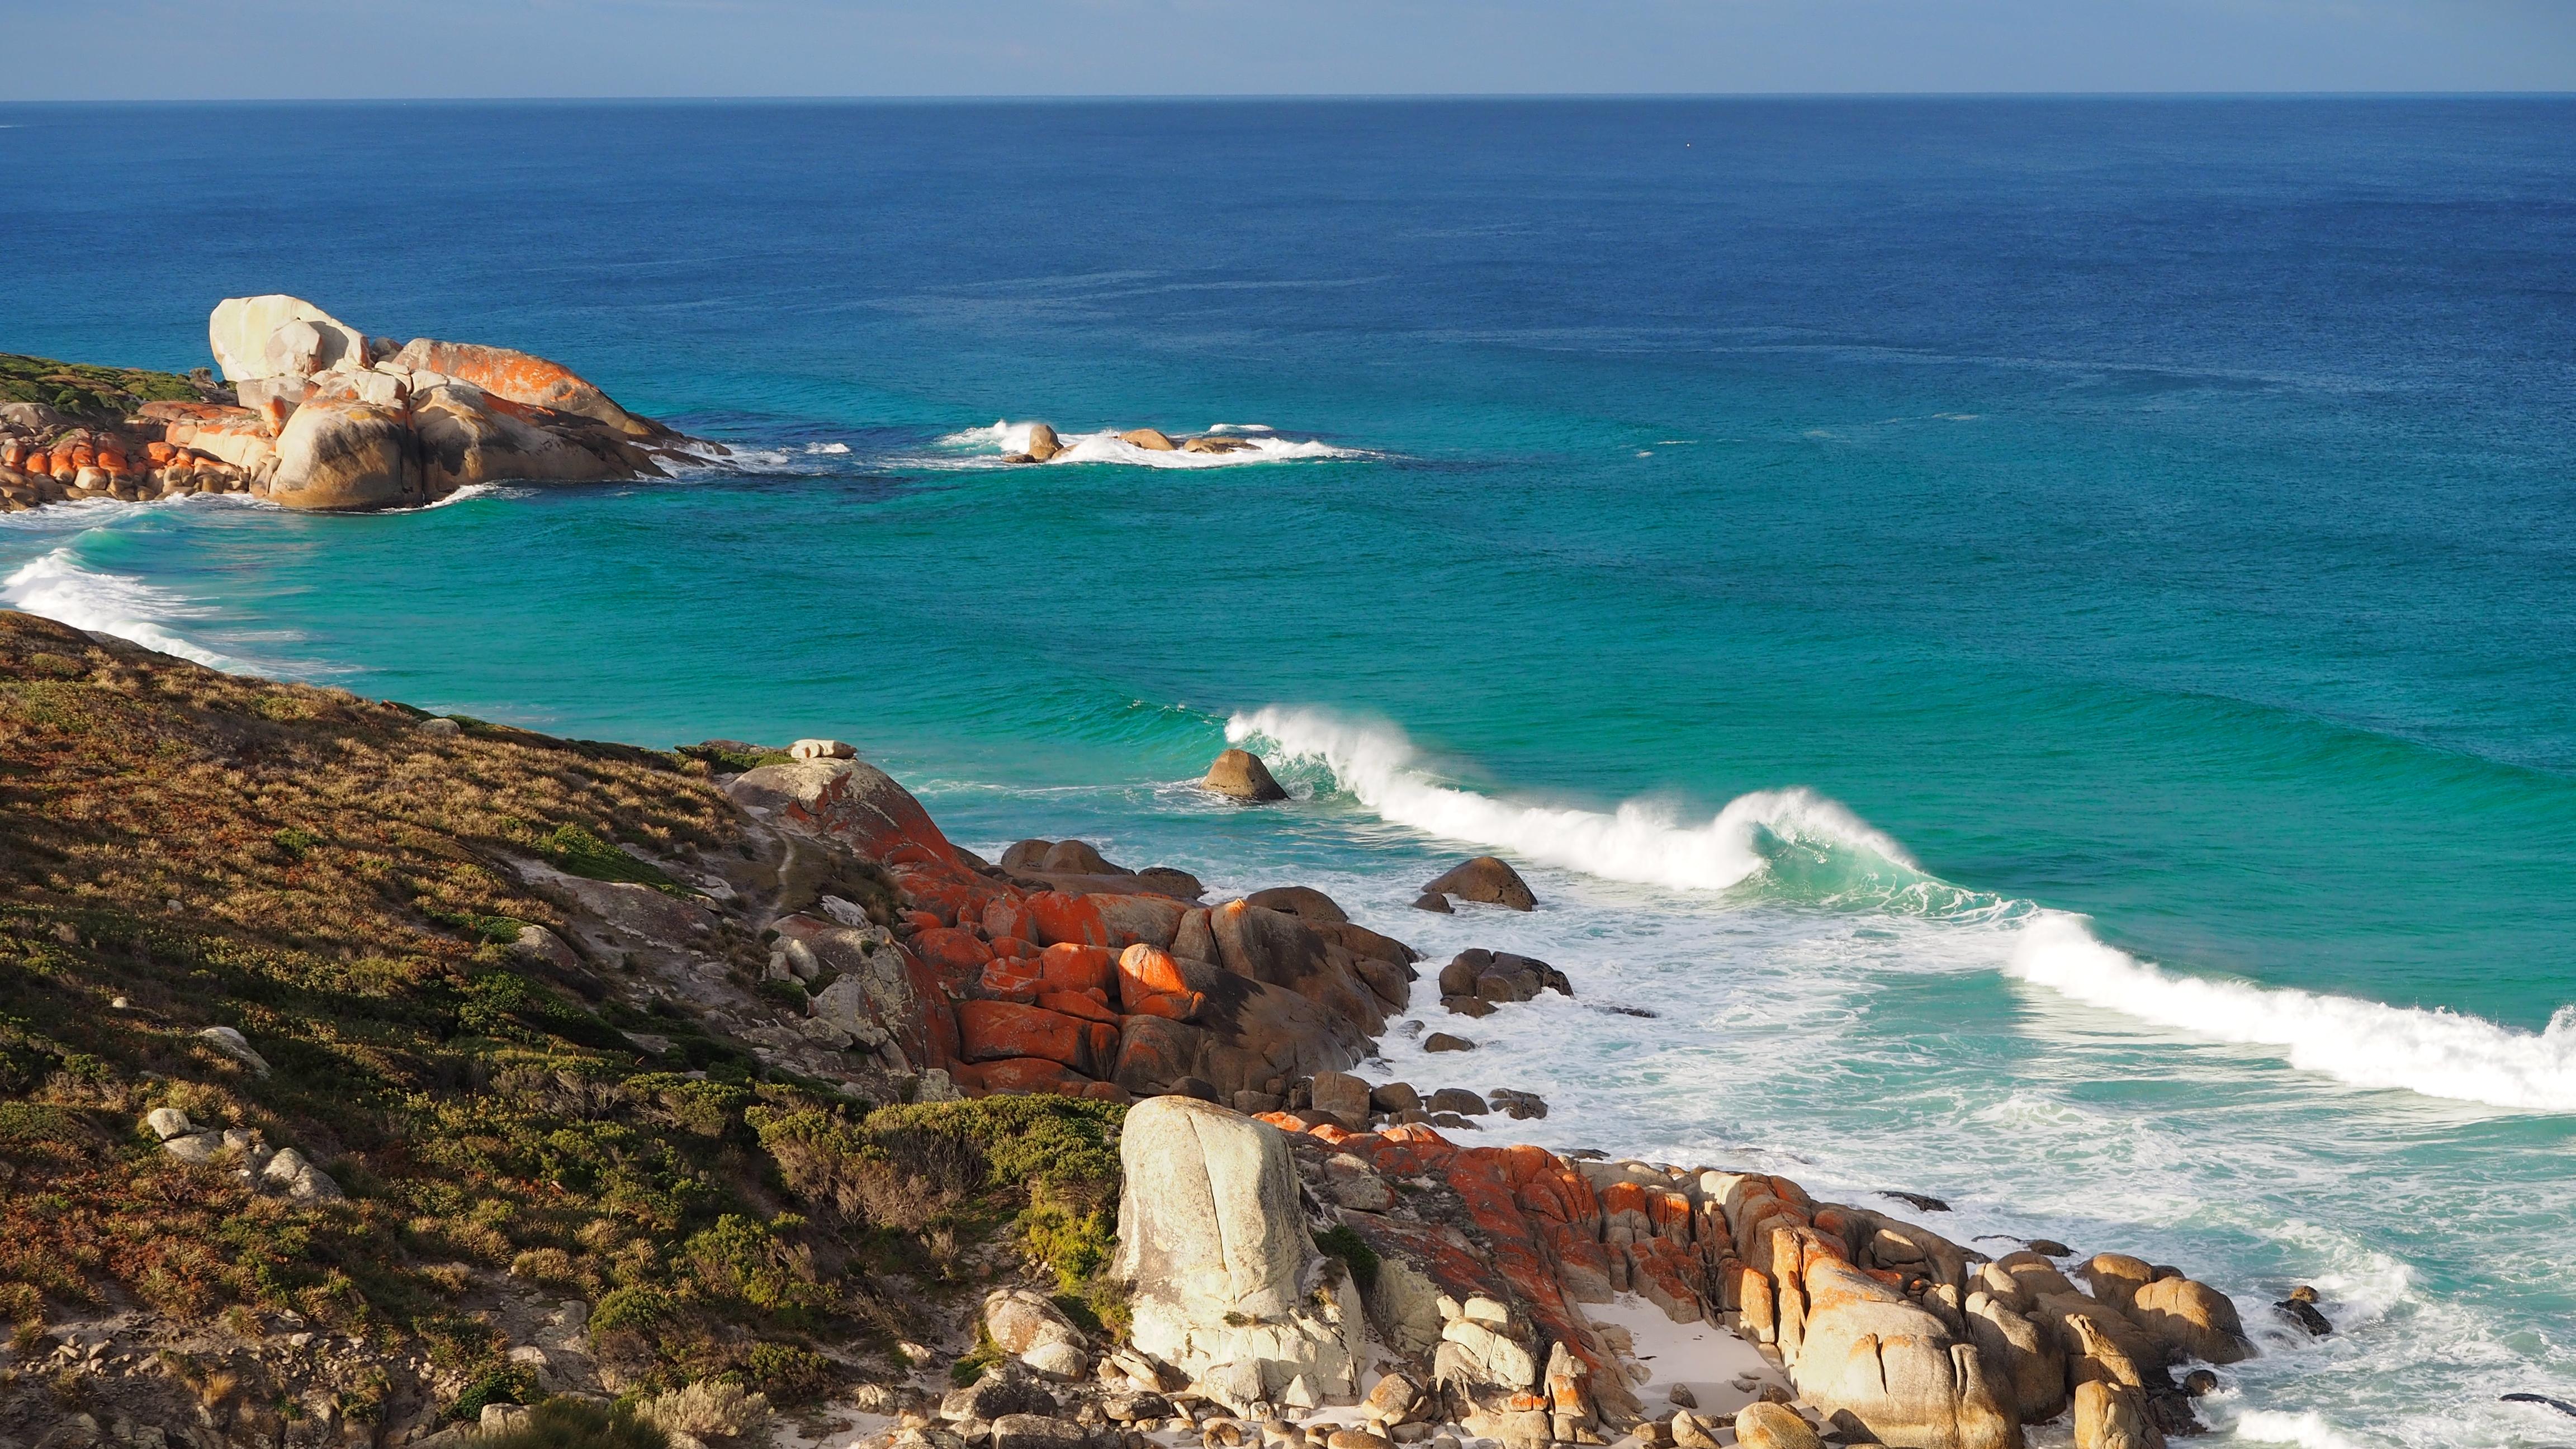 Stunning ocean views in Tasmania